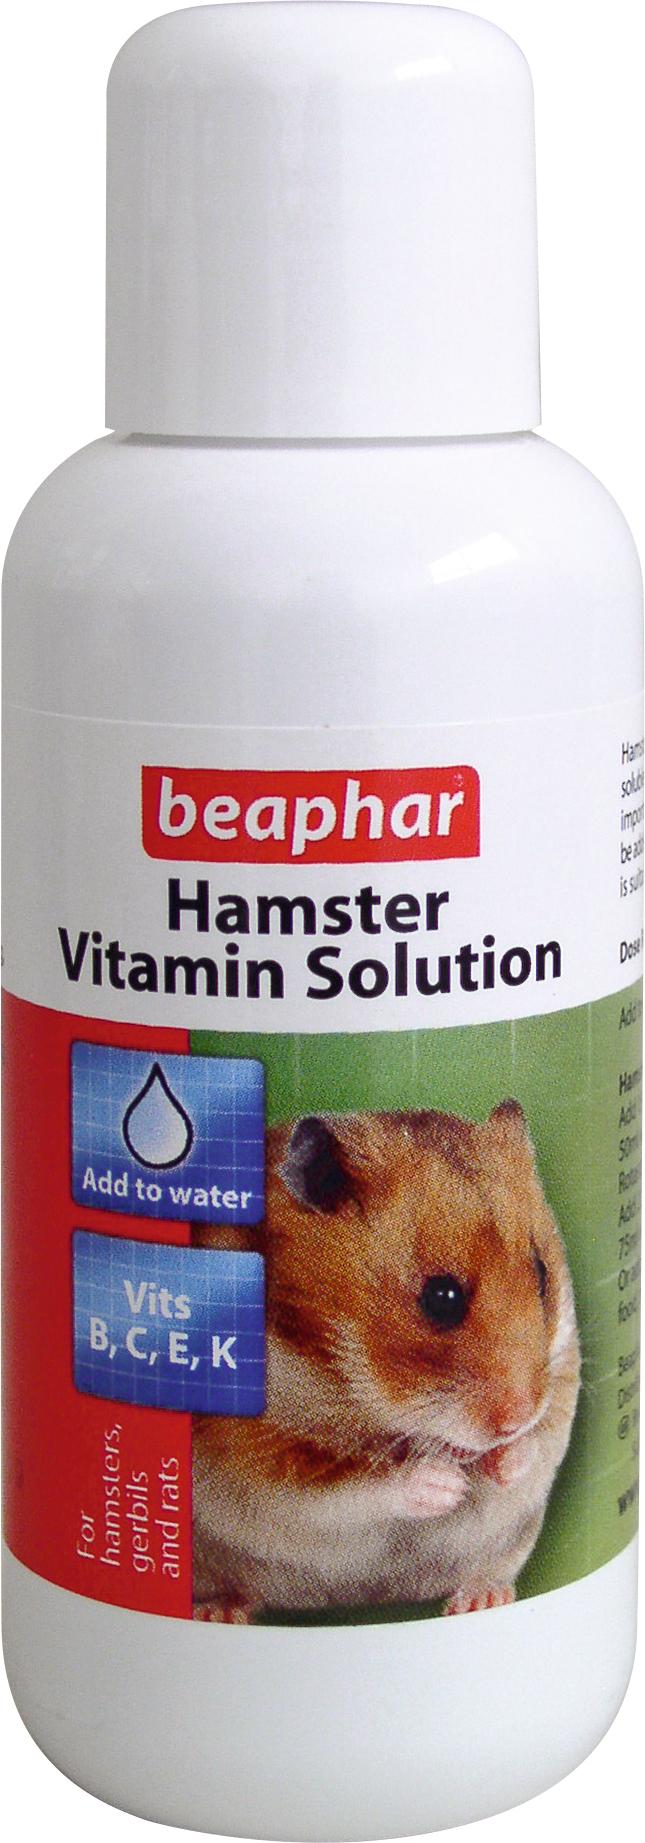 Vitaminer Beaphar Hamster, 75 ml